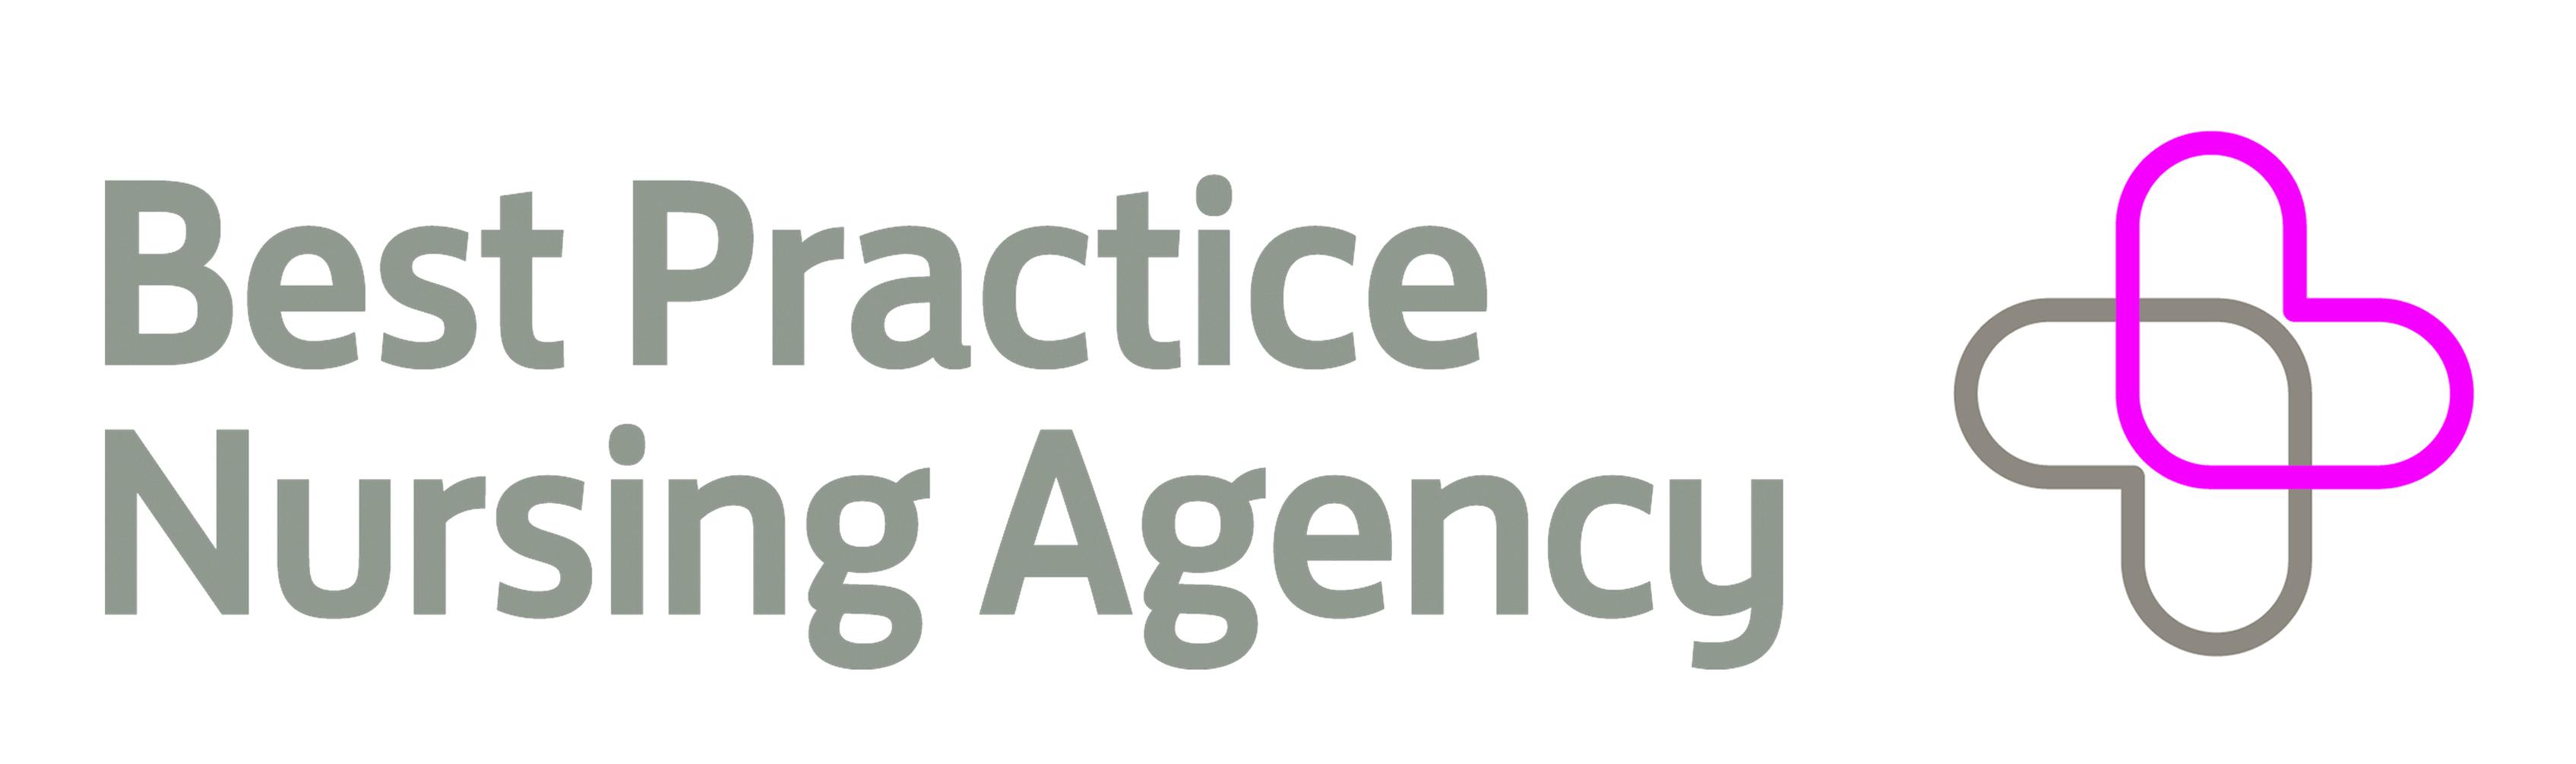 Best Practice Nursing Agency